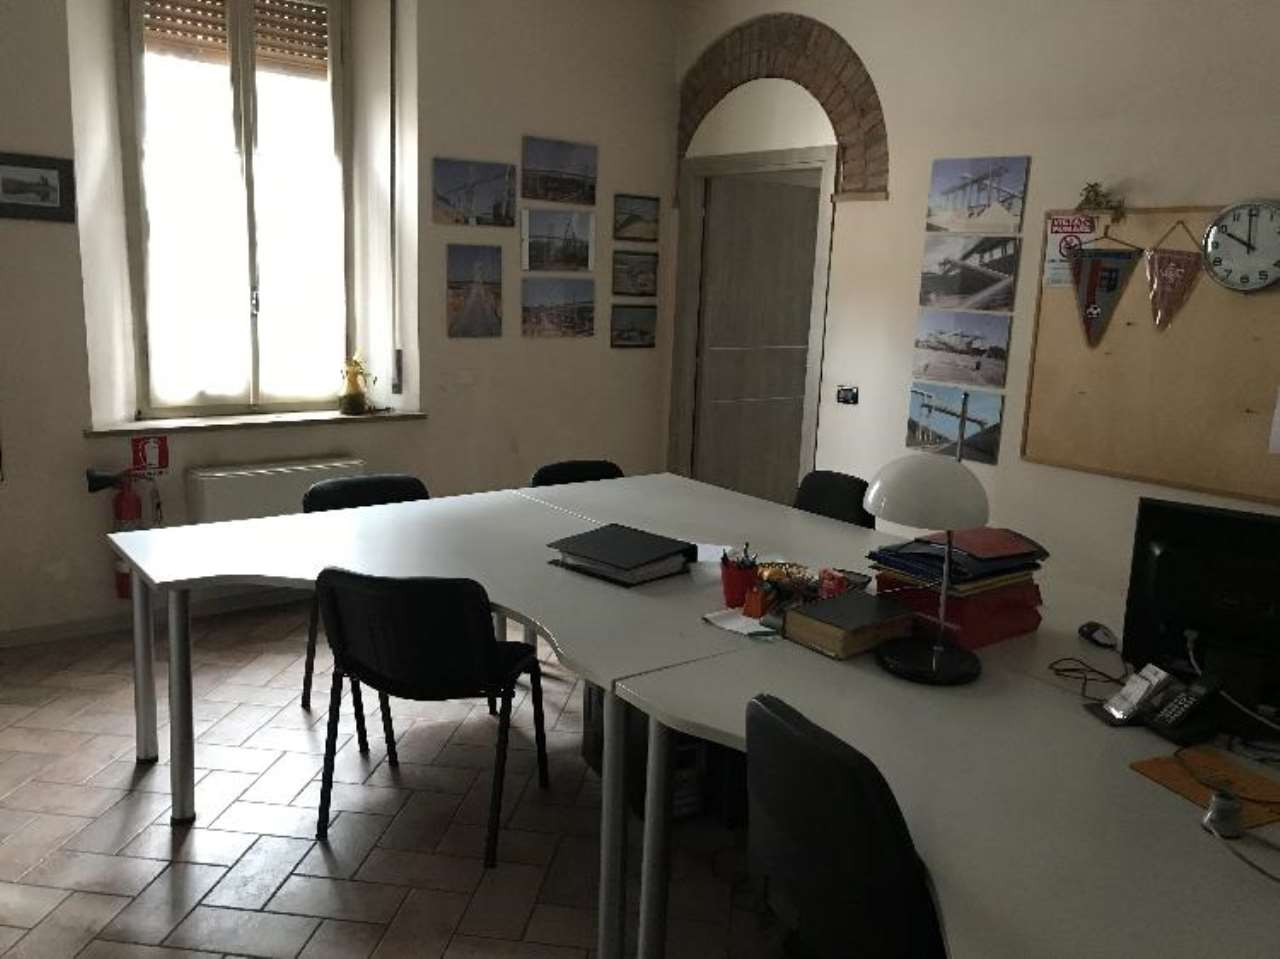 Ufficio / Studio in vendita a Cremona, 3 locali, prezzo € 50.000 | CambioCasa.it